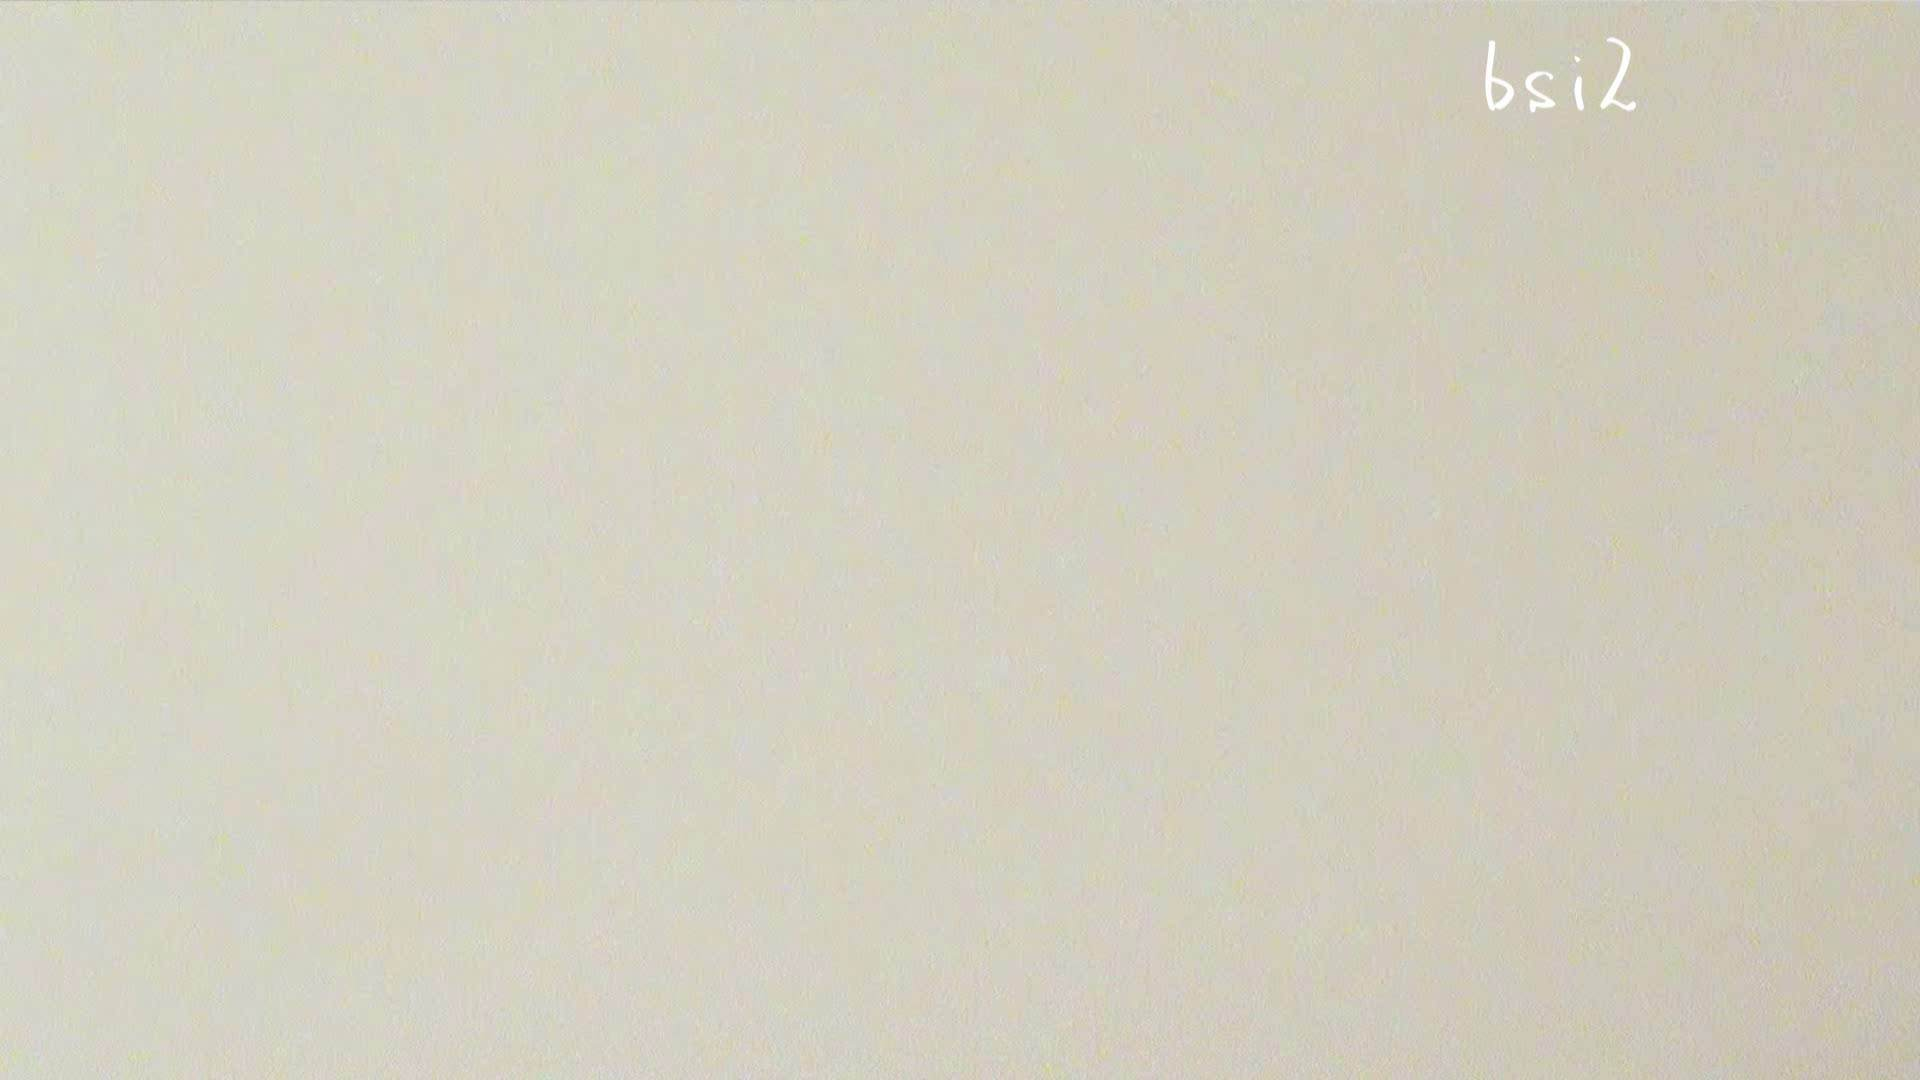 至高下半身盗撮-PREMIUM-【院内病棟編 】 vol.02 0   0  46画像 44